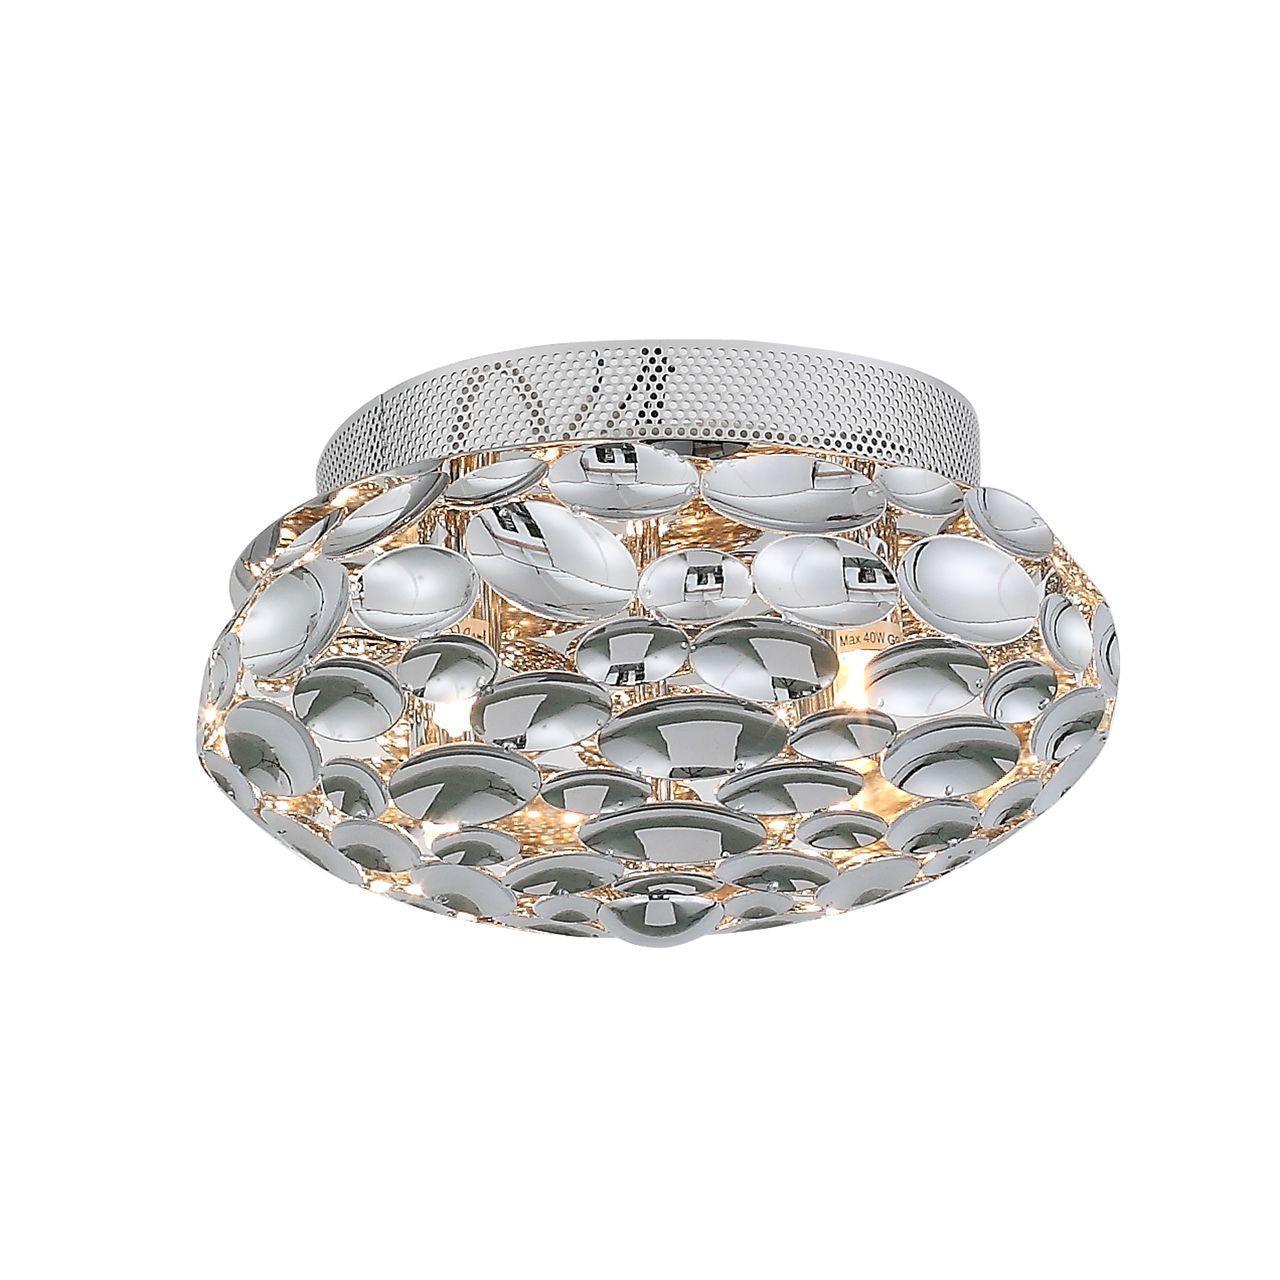 Потолочный светильник ST Luce Maribella SL795.102.04 подвесной светильник st luce maribella sl795 103 01